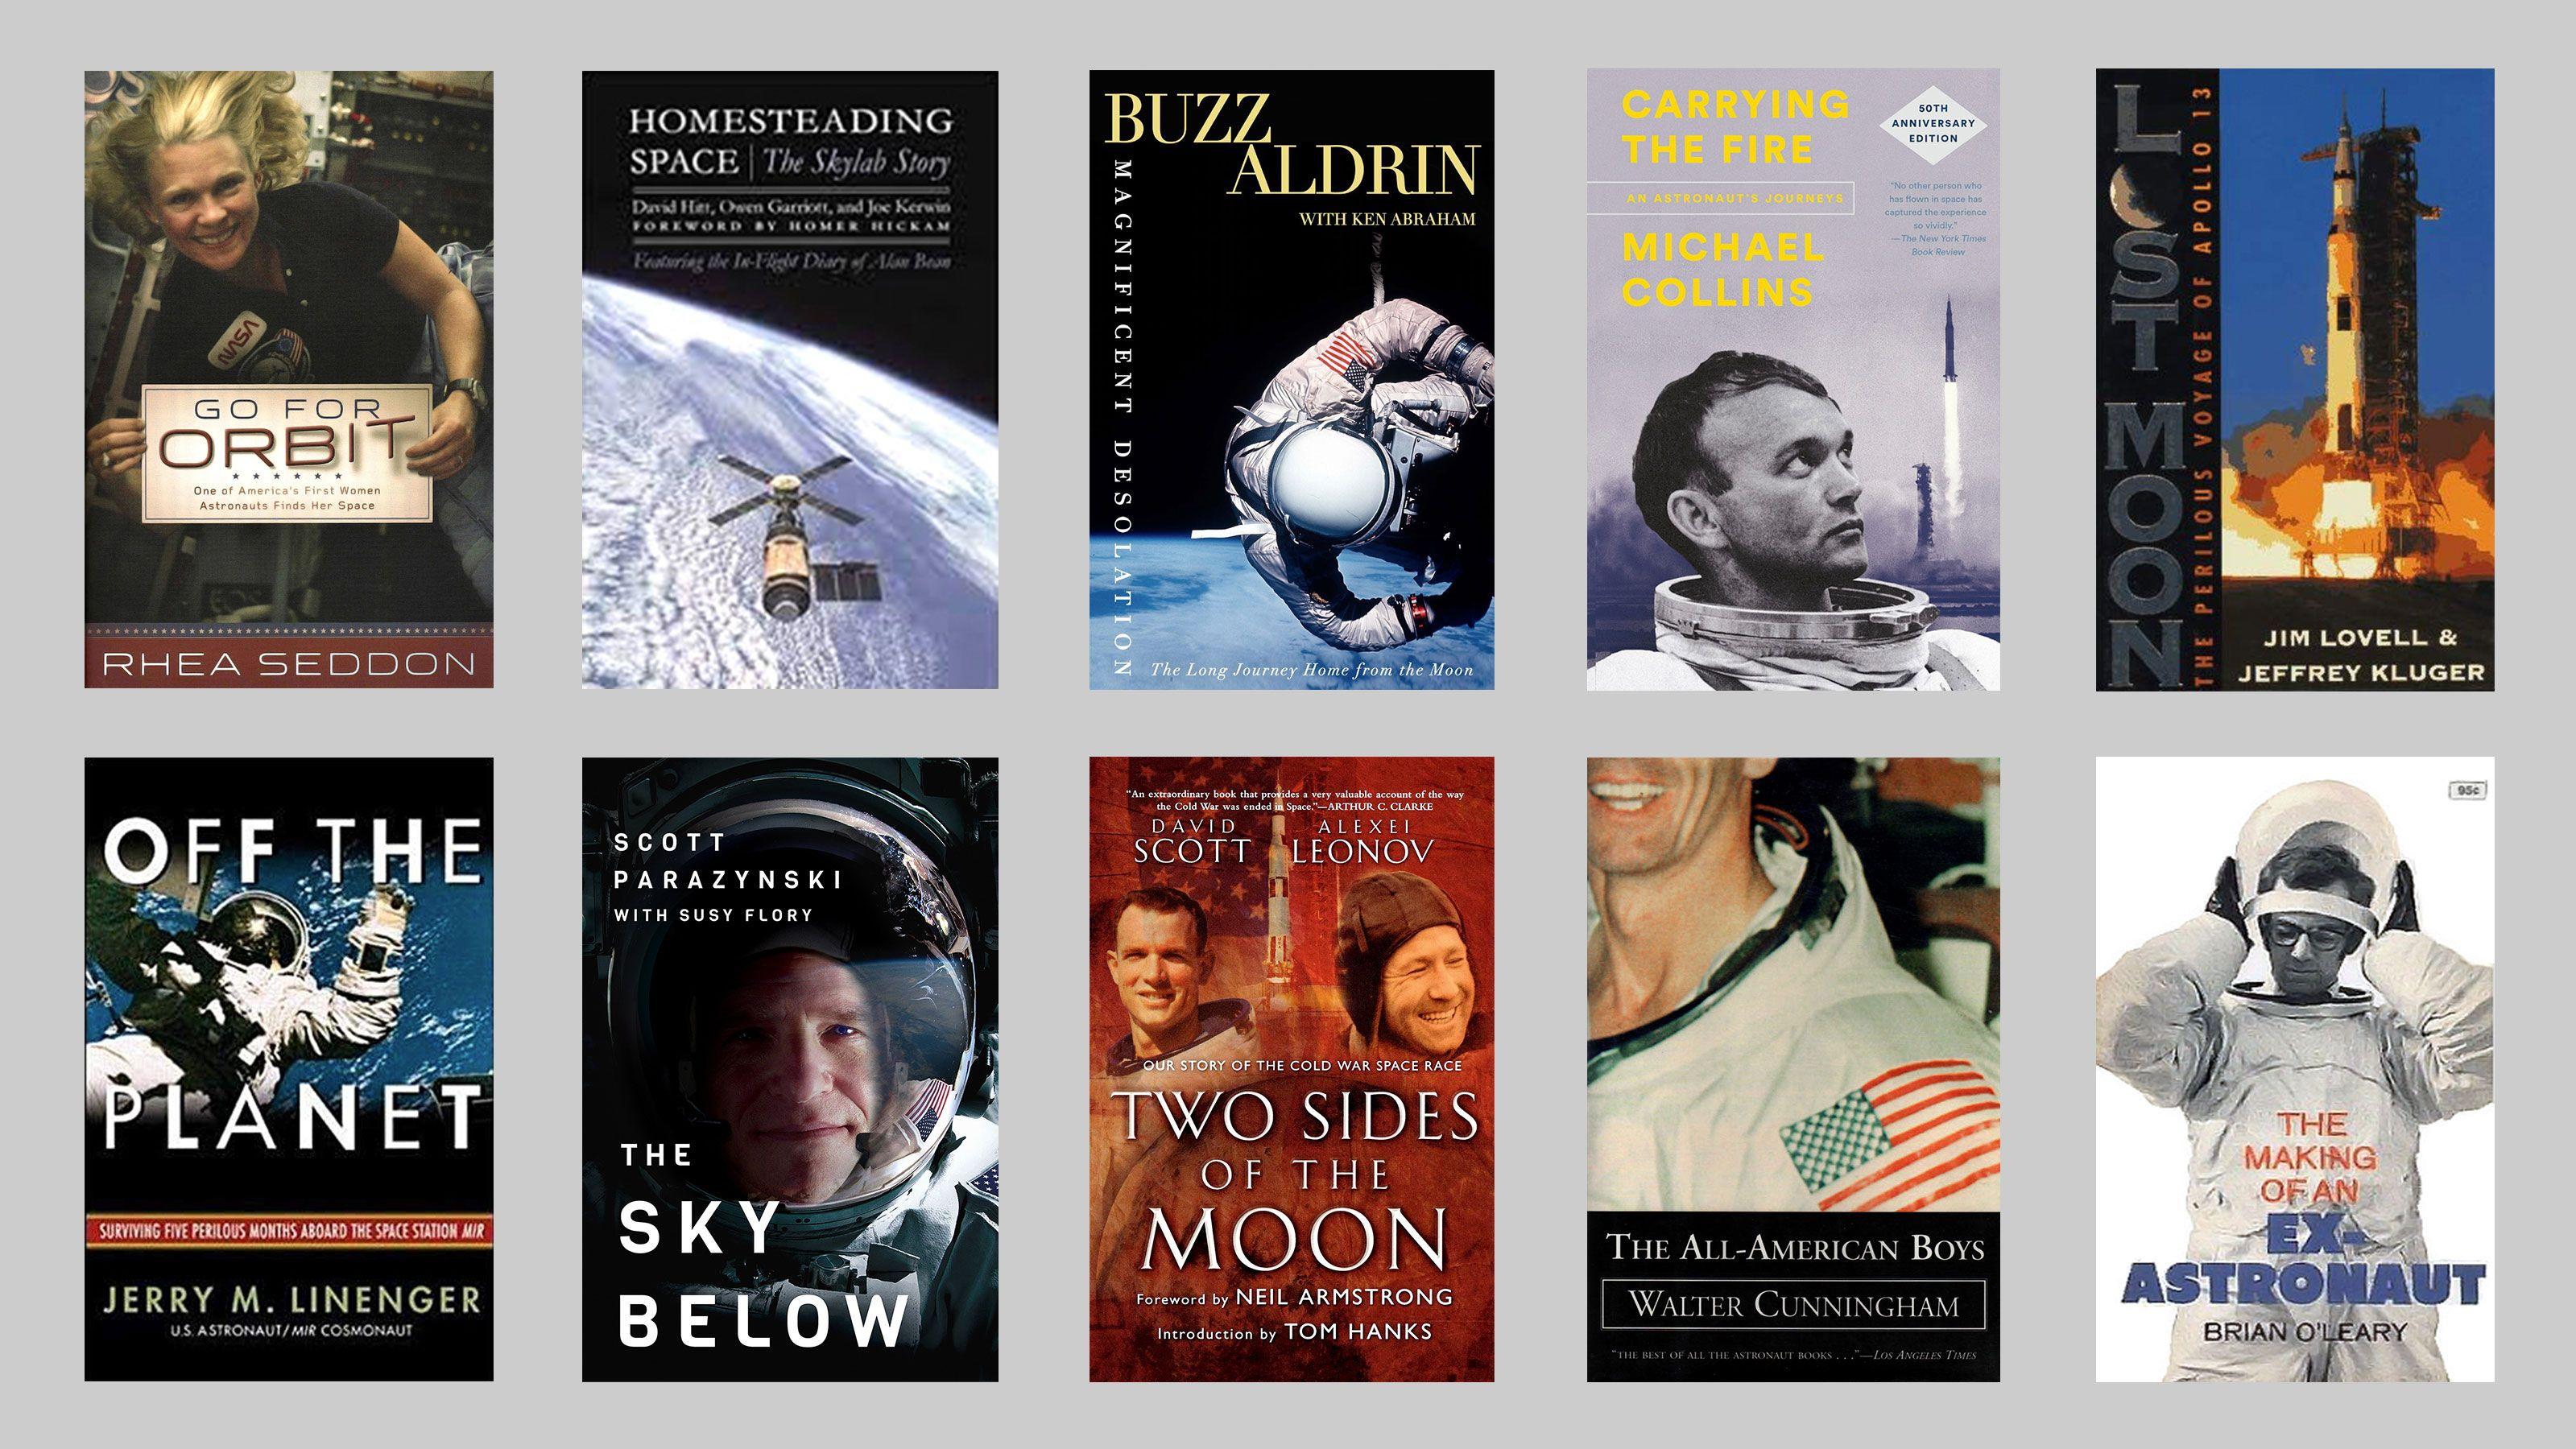 宇宙飛行士の回顧録ベスト10——彼らは宇宙で何を見たのか